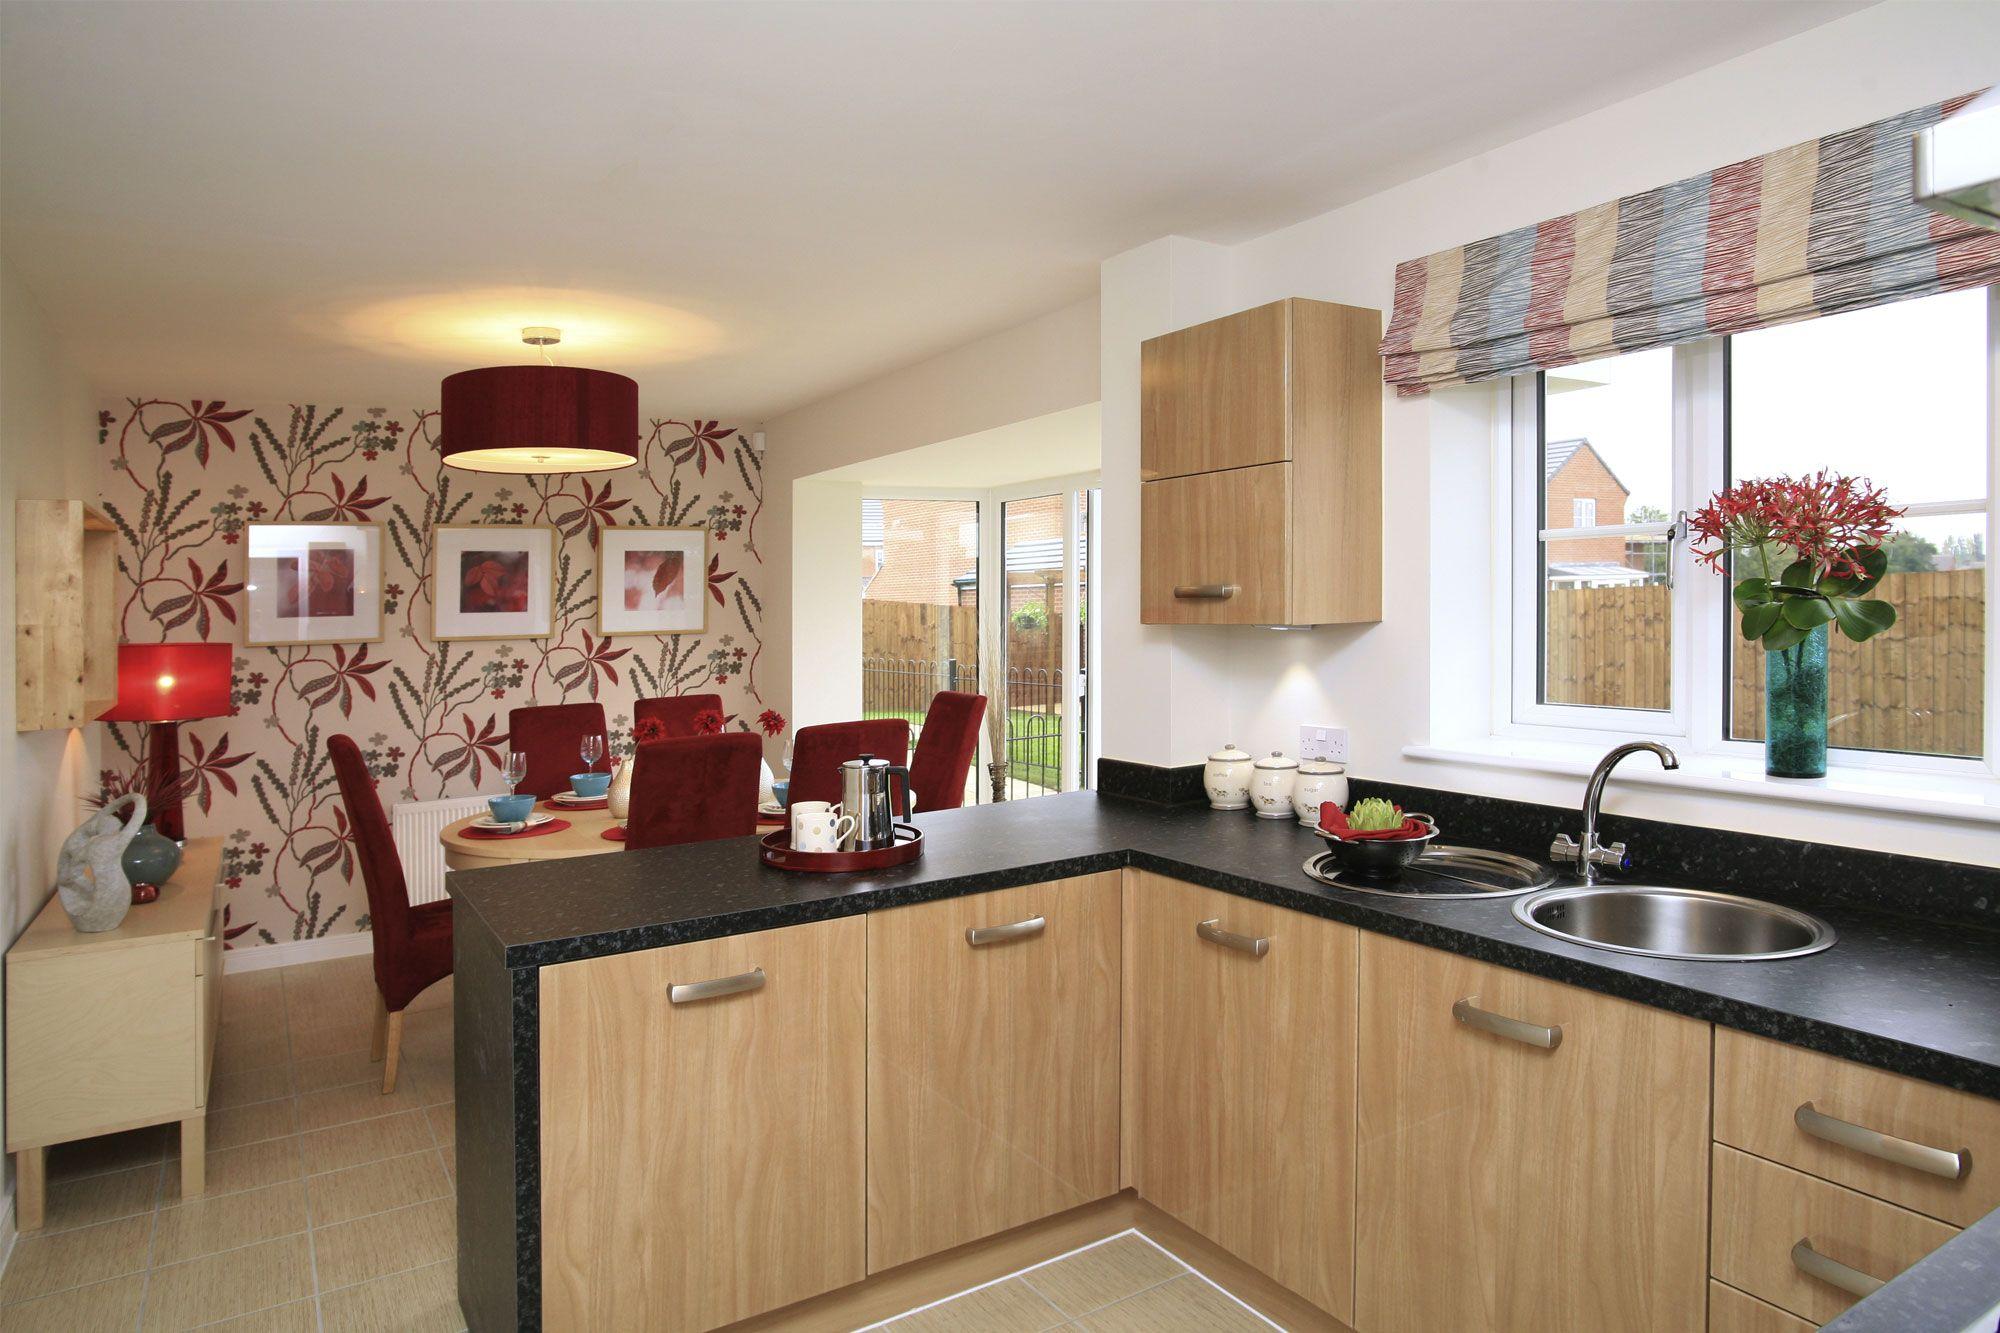 small kitchen designs Small Kitchen Design Ideas